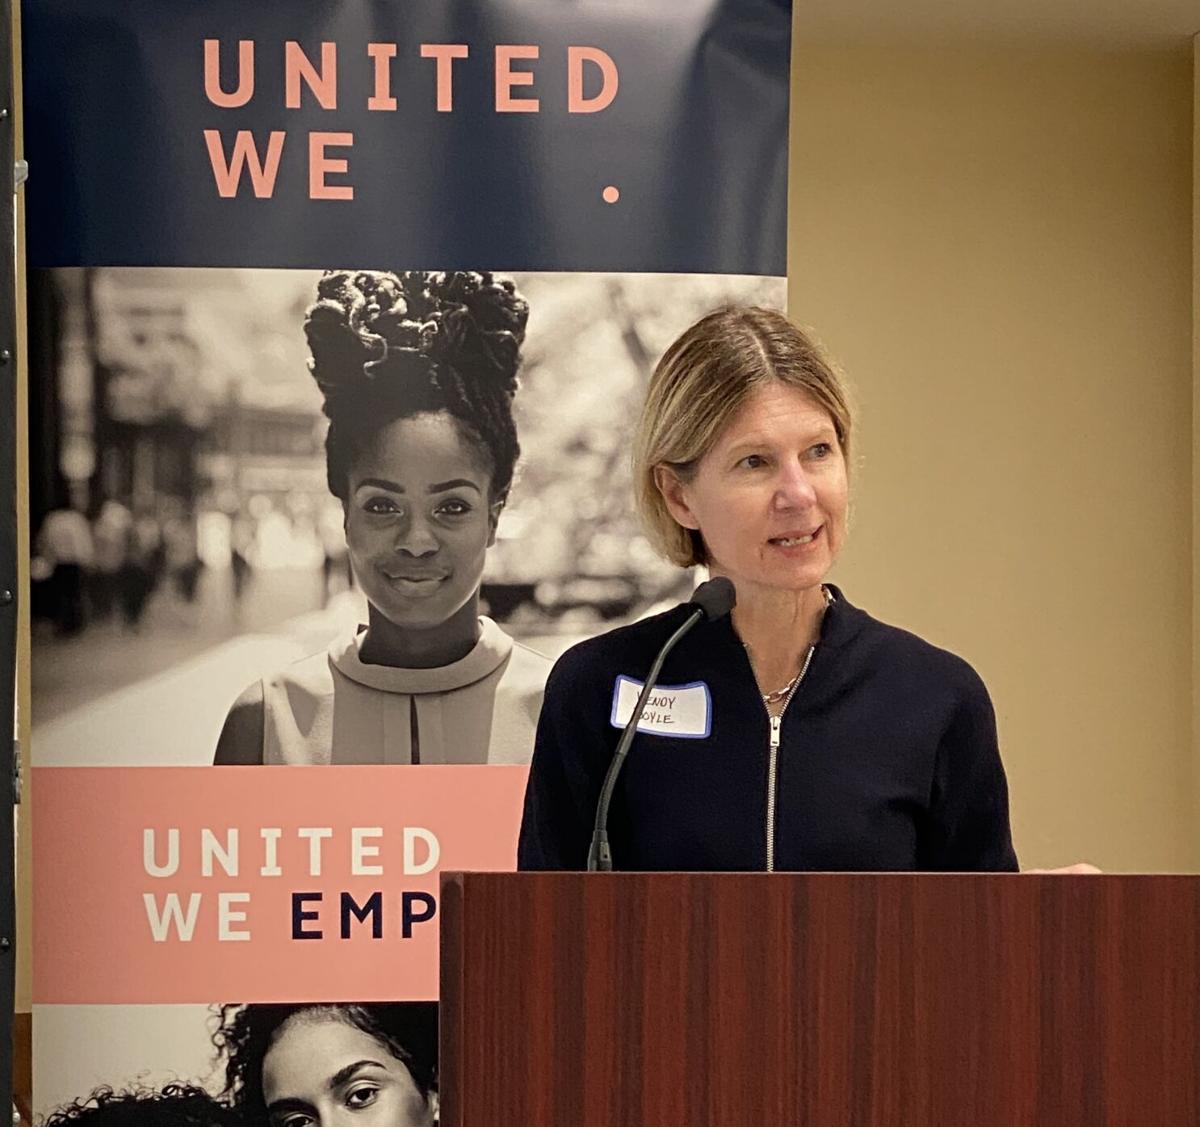 Wendy Doyle, United WE